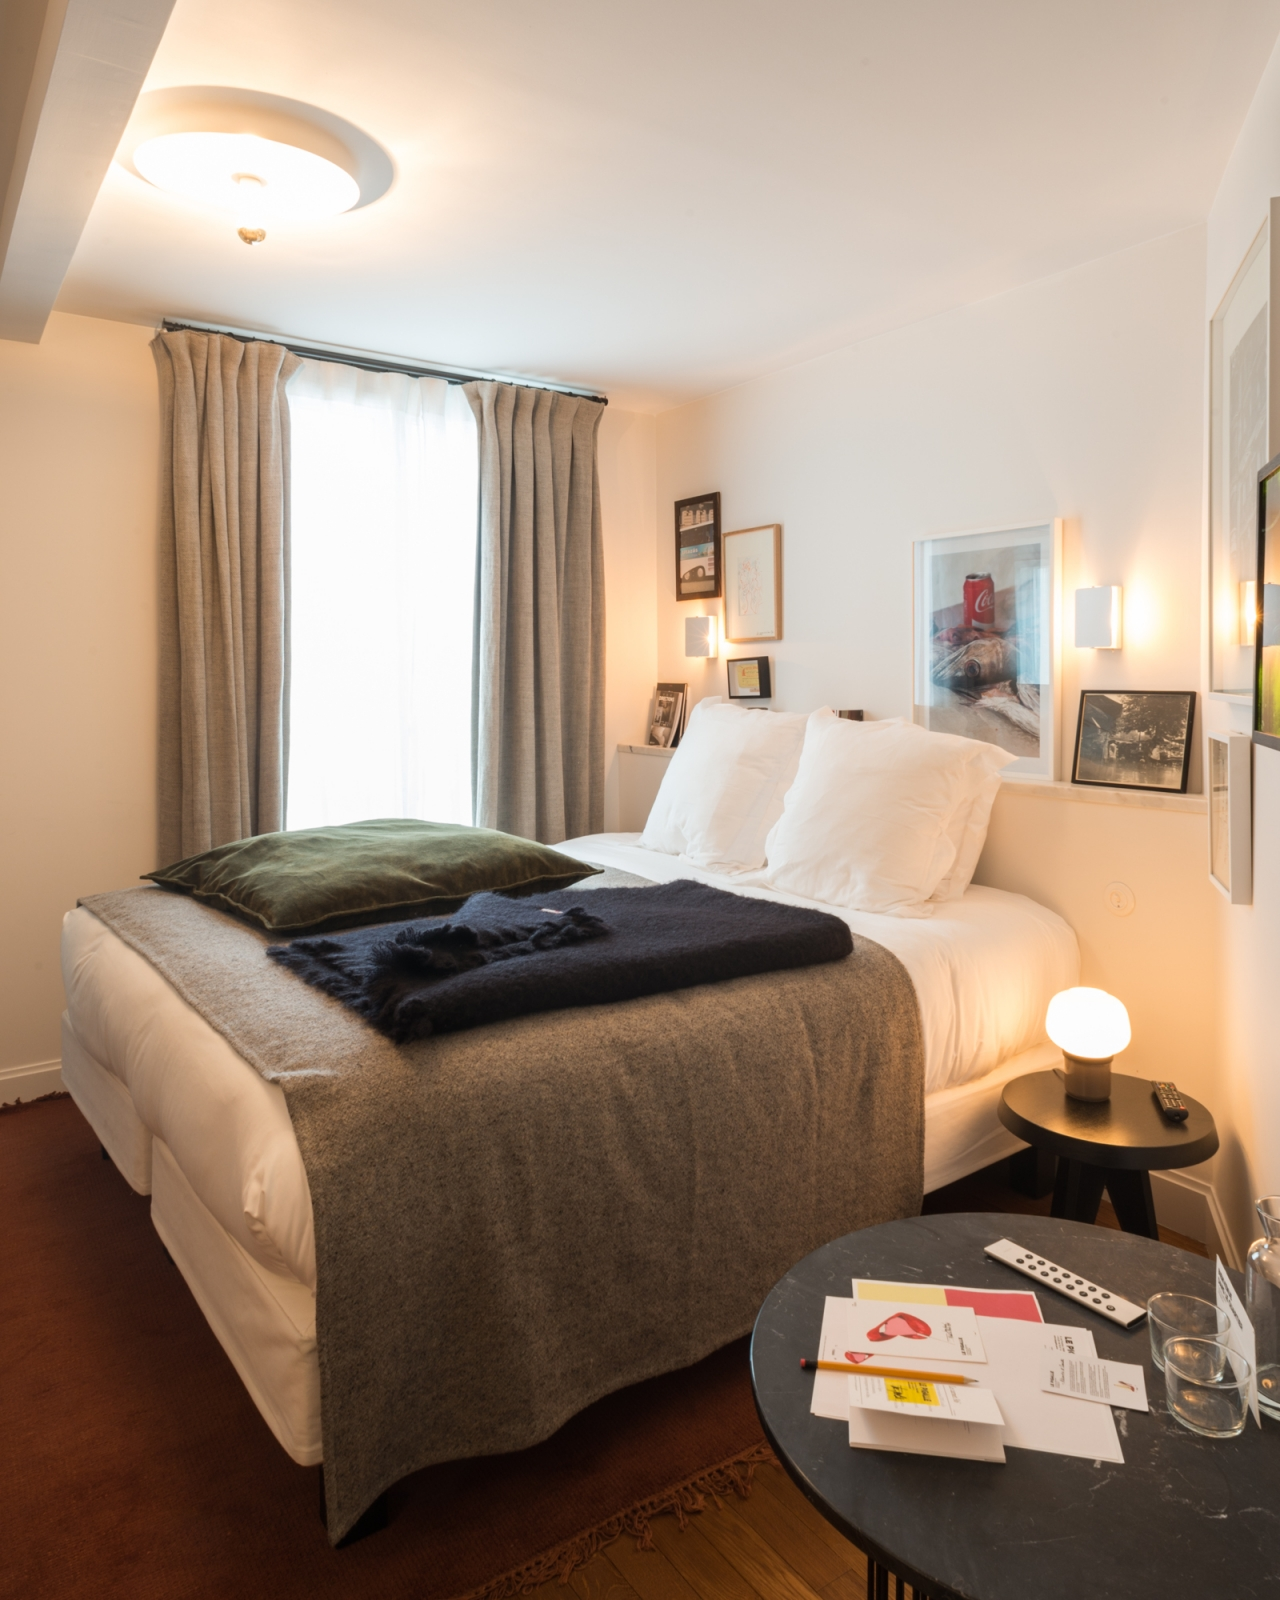 fran ois cavelier le pigalle hotel paris monocle fran ois cavelier. Black Bedroom Furniture Sets. Home Design Ideas